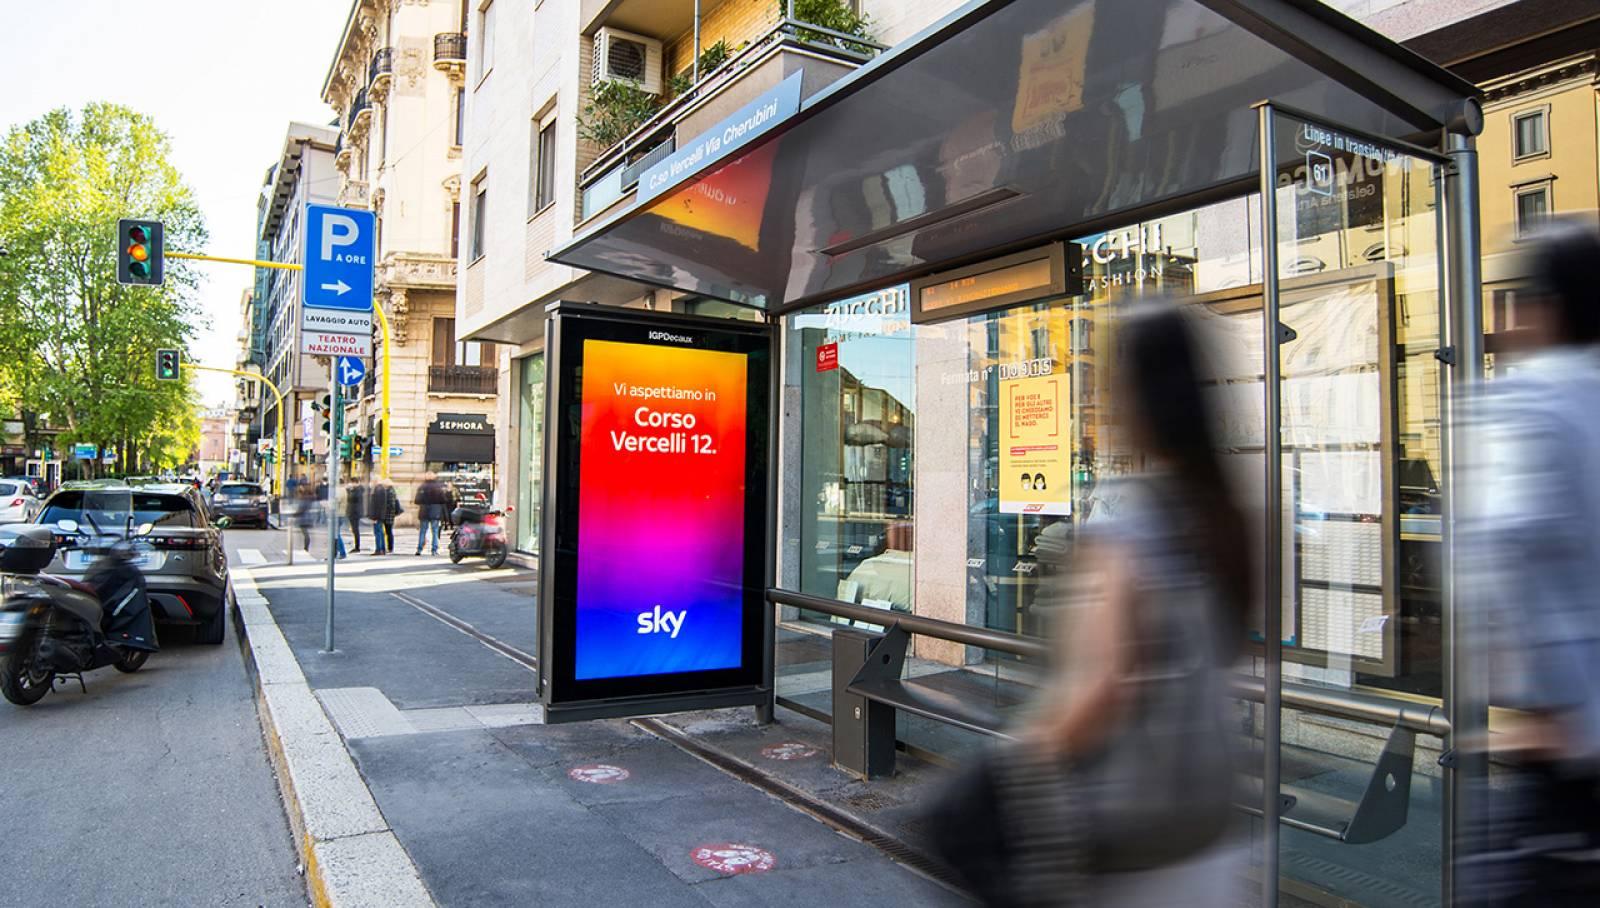 Pubblicità sulle pensiline IGPDecaux a Milano Network Vision per SKY Italia